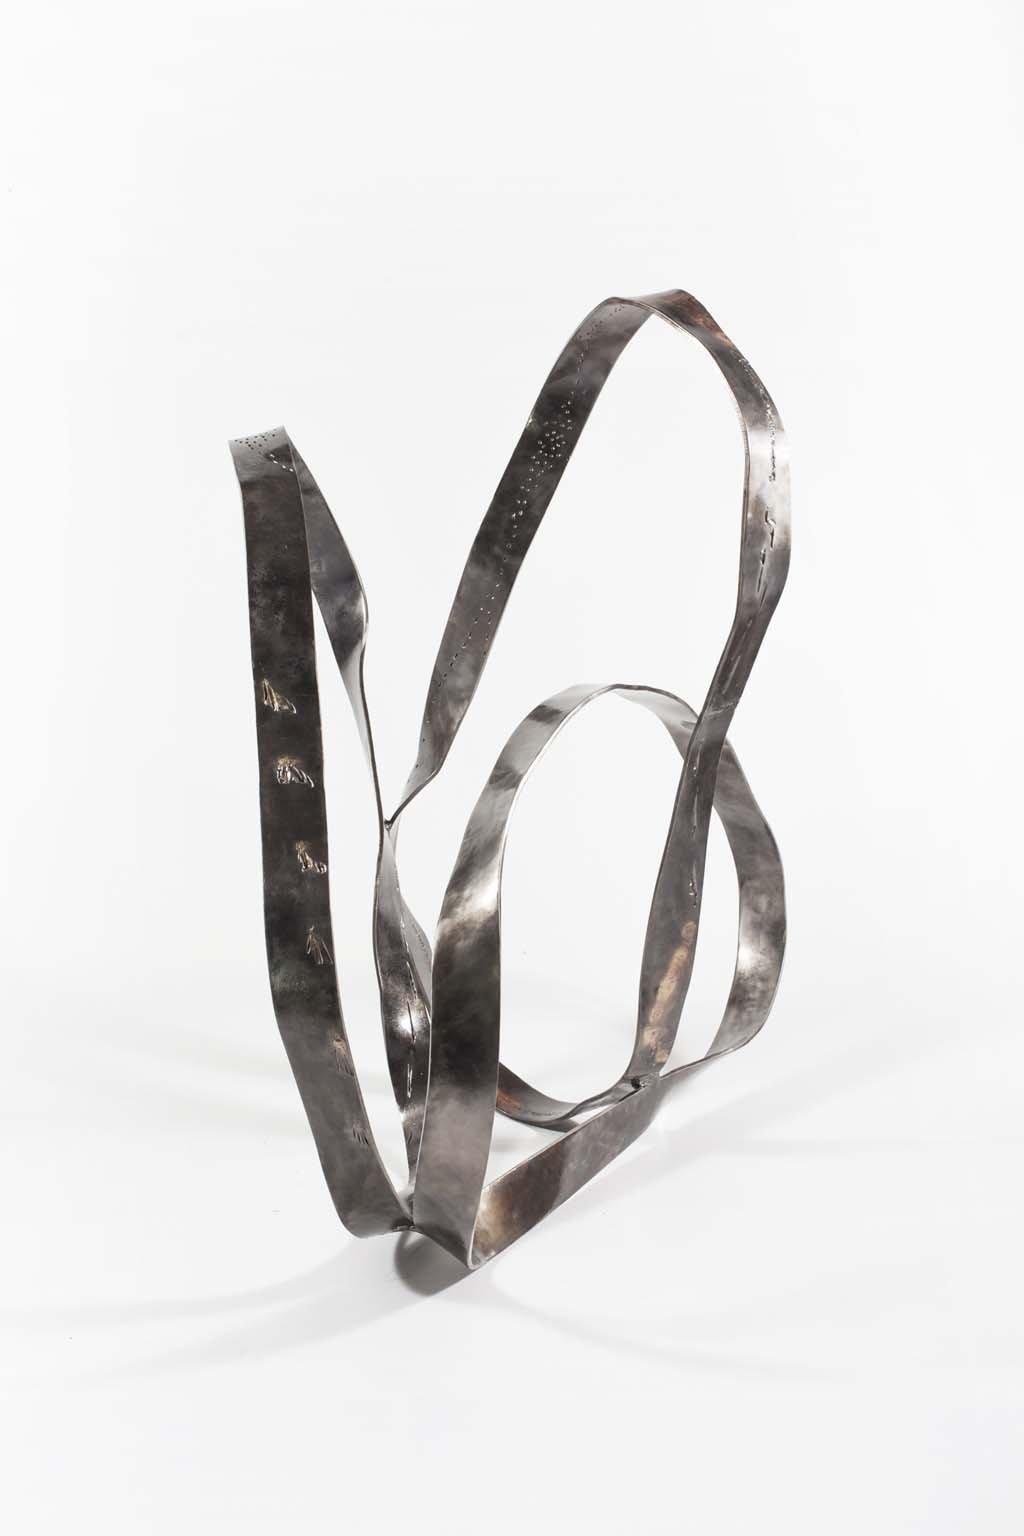 'Oblivion II ' | Iron and brass sculpture | Artist: Rami Ater